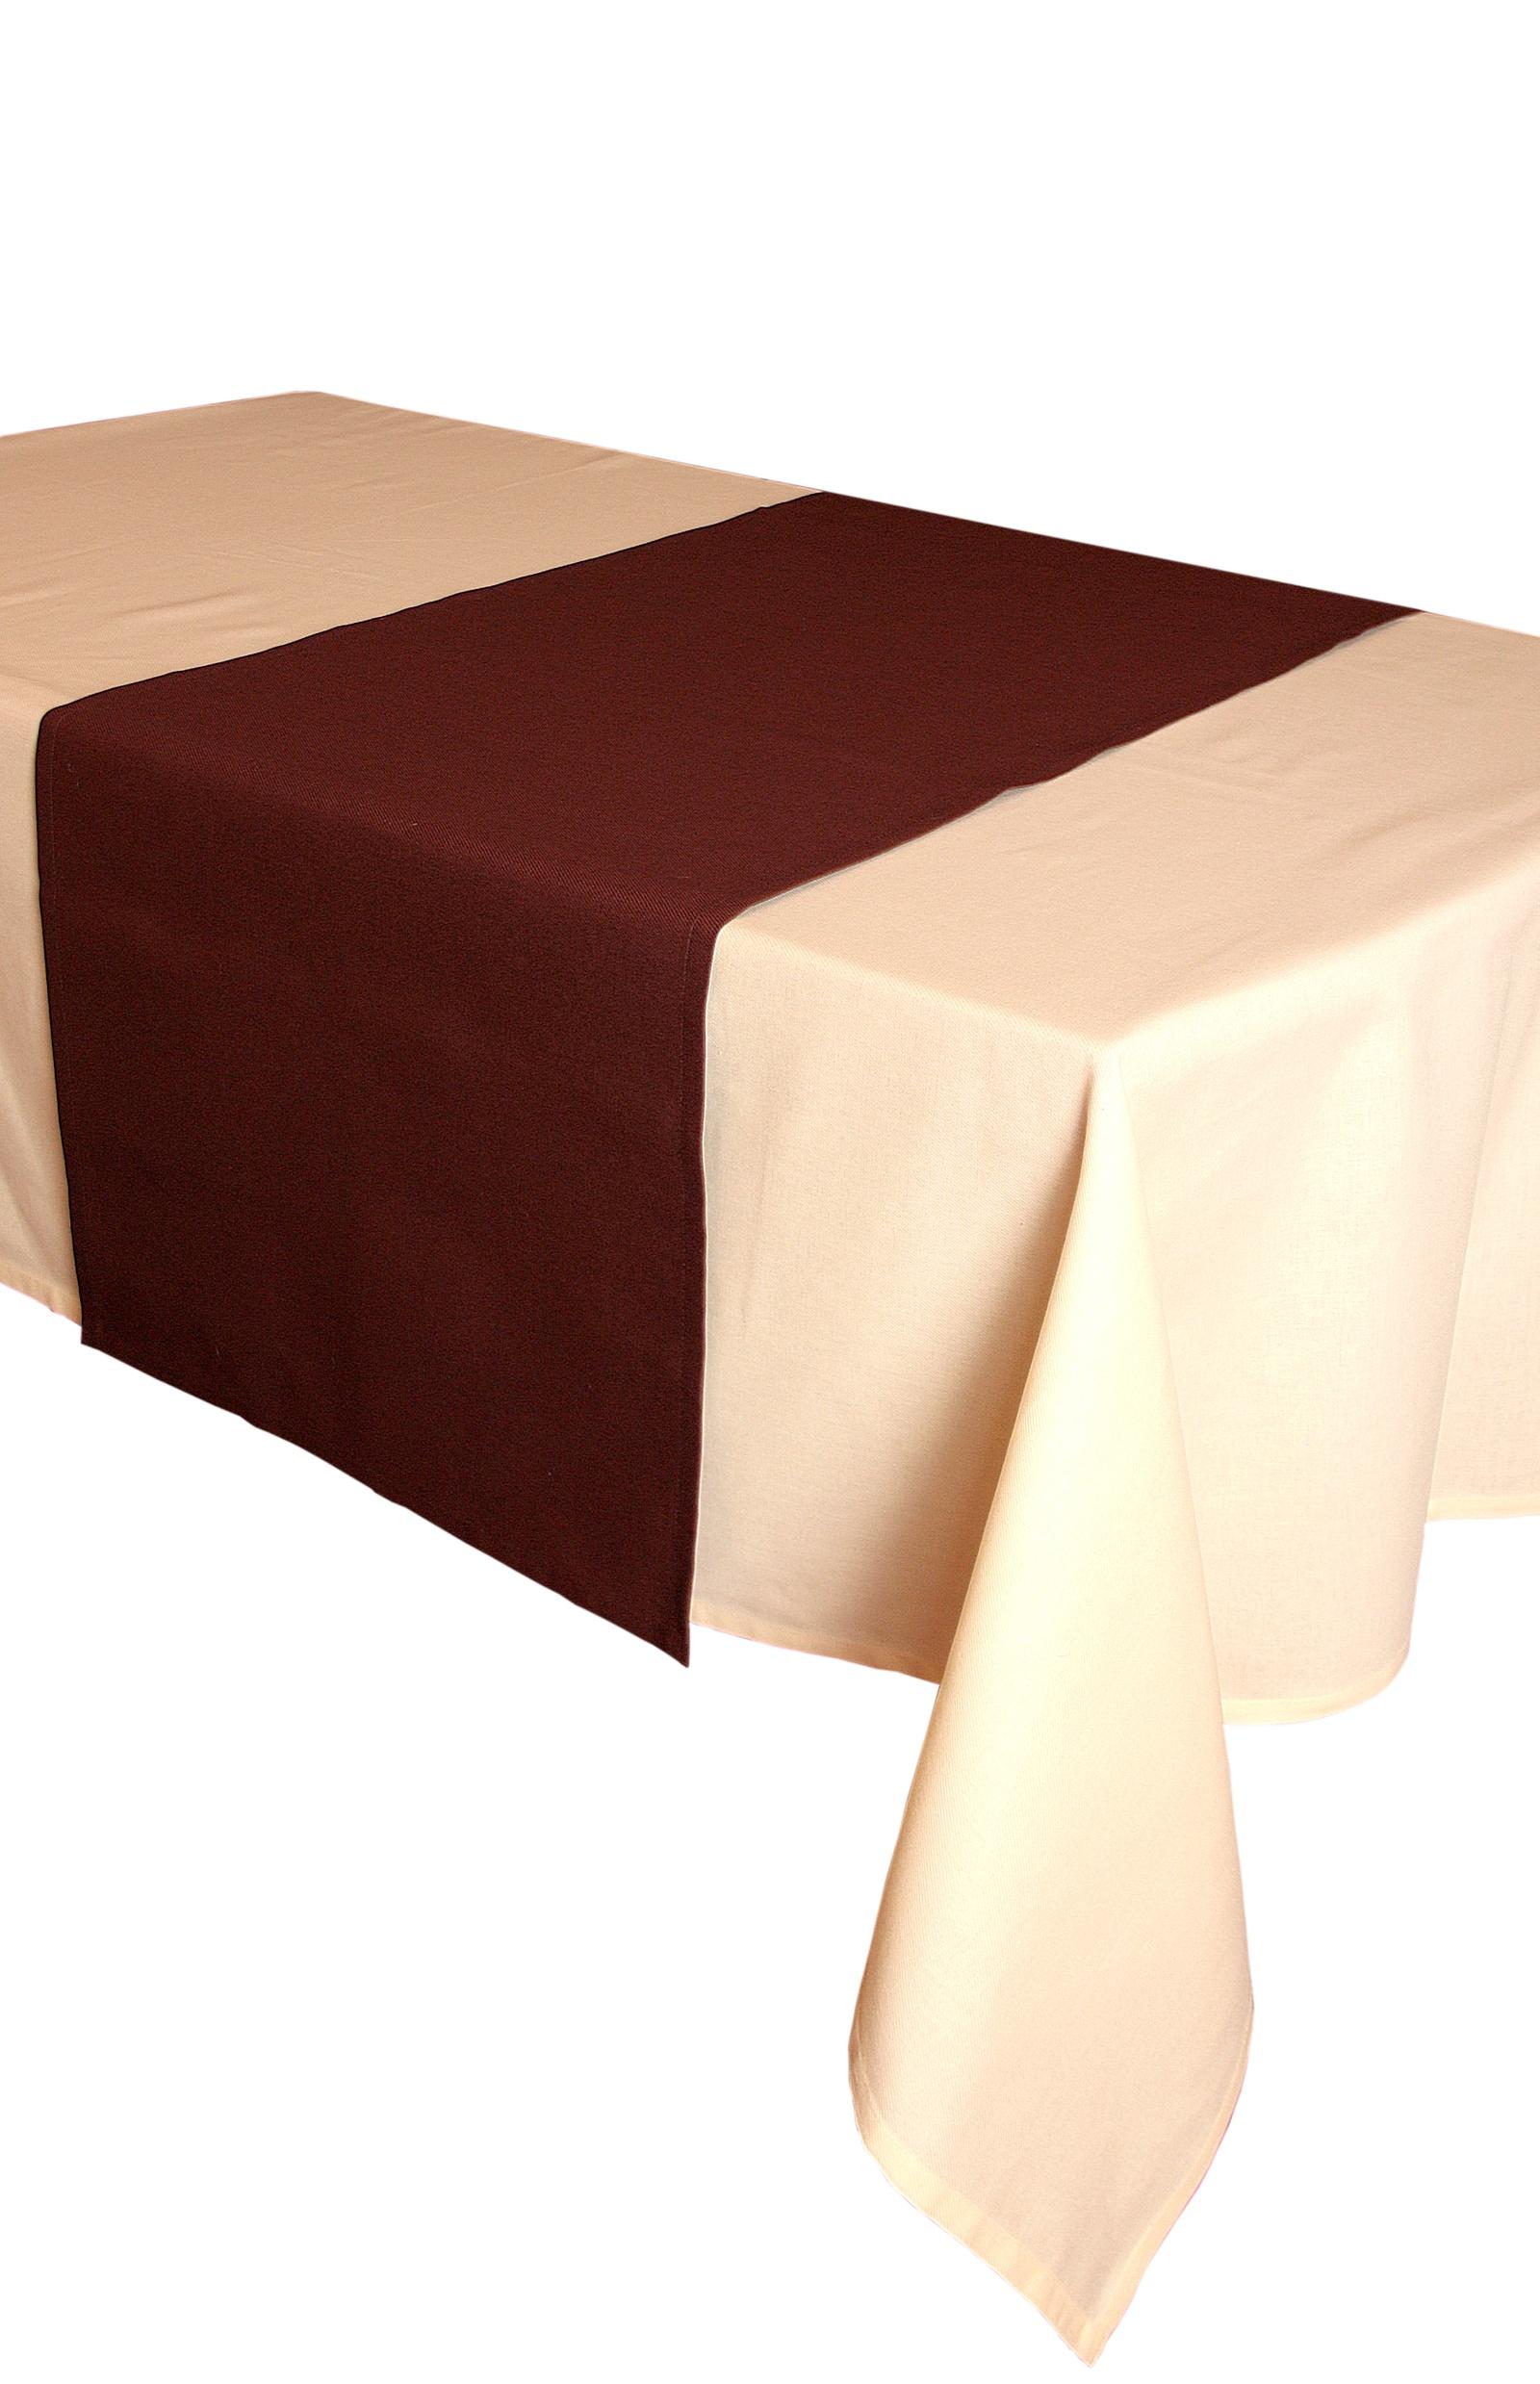 Дорожка столовая ТД Натурель коричневый 45х150 Однотонная коллекция sans tabù столовая дорожка